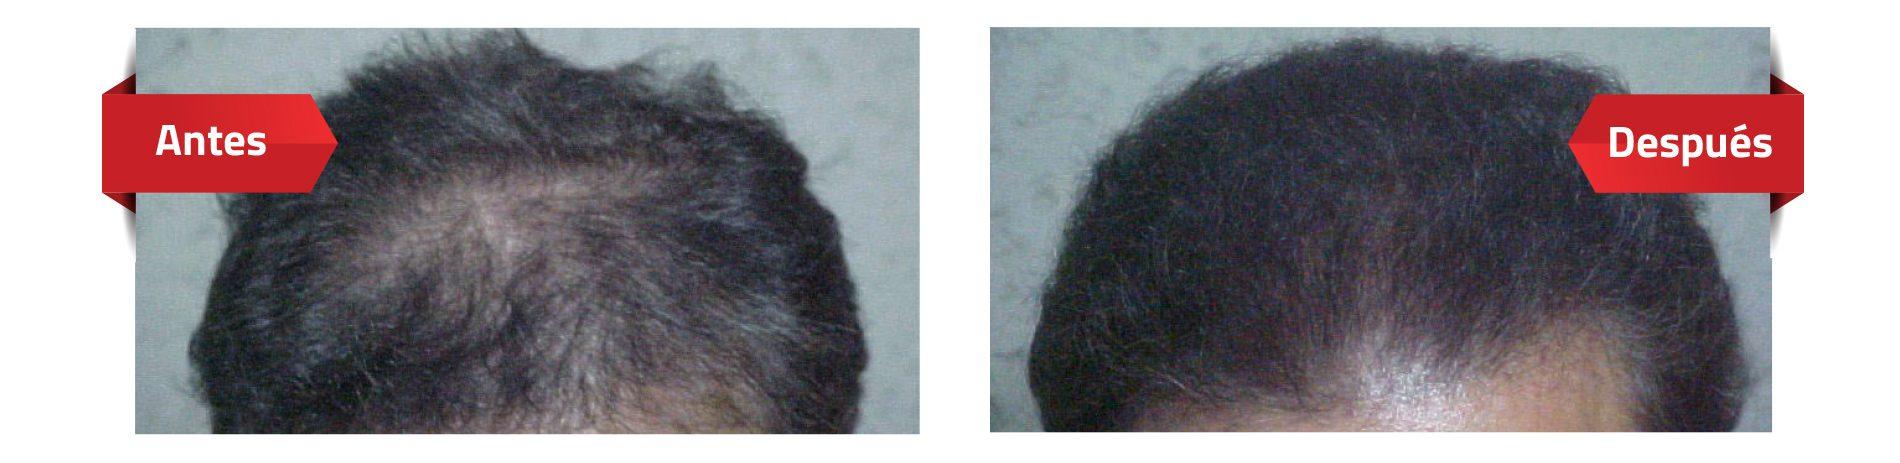 Casos de éxito caída de cabello